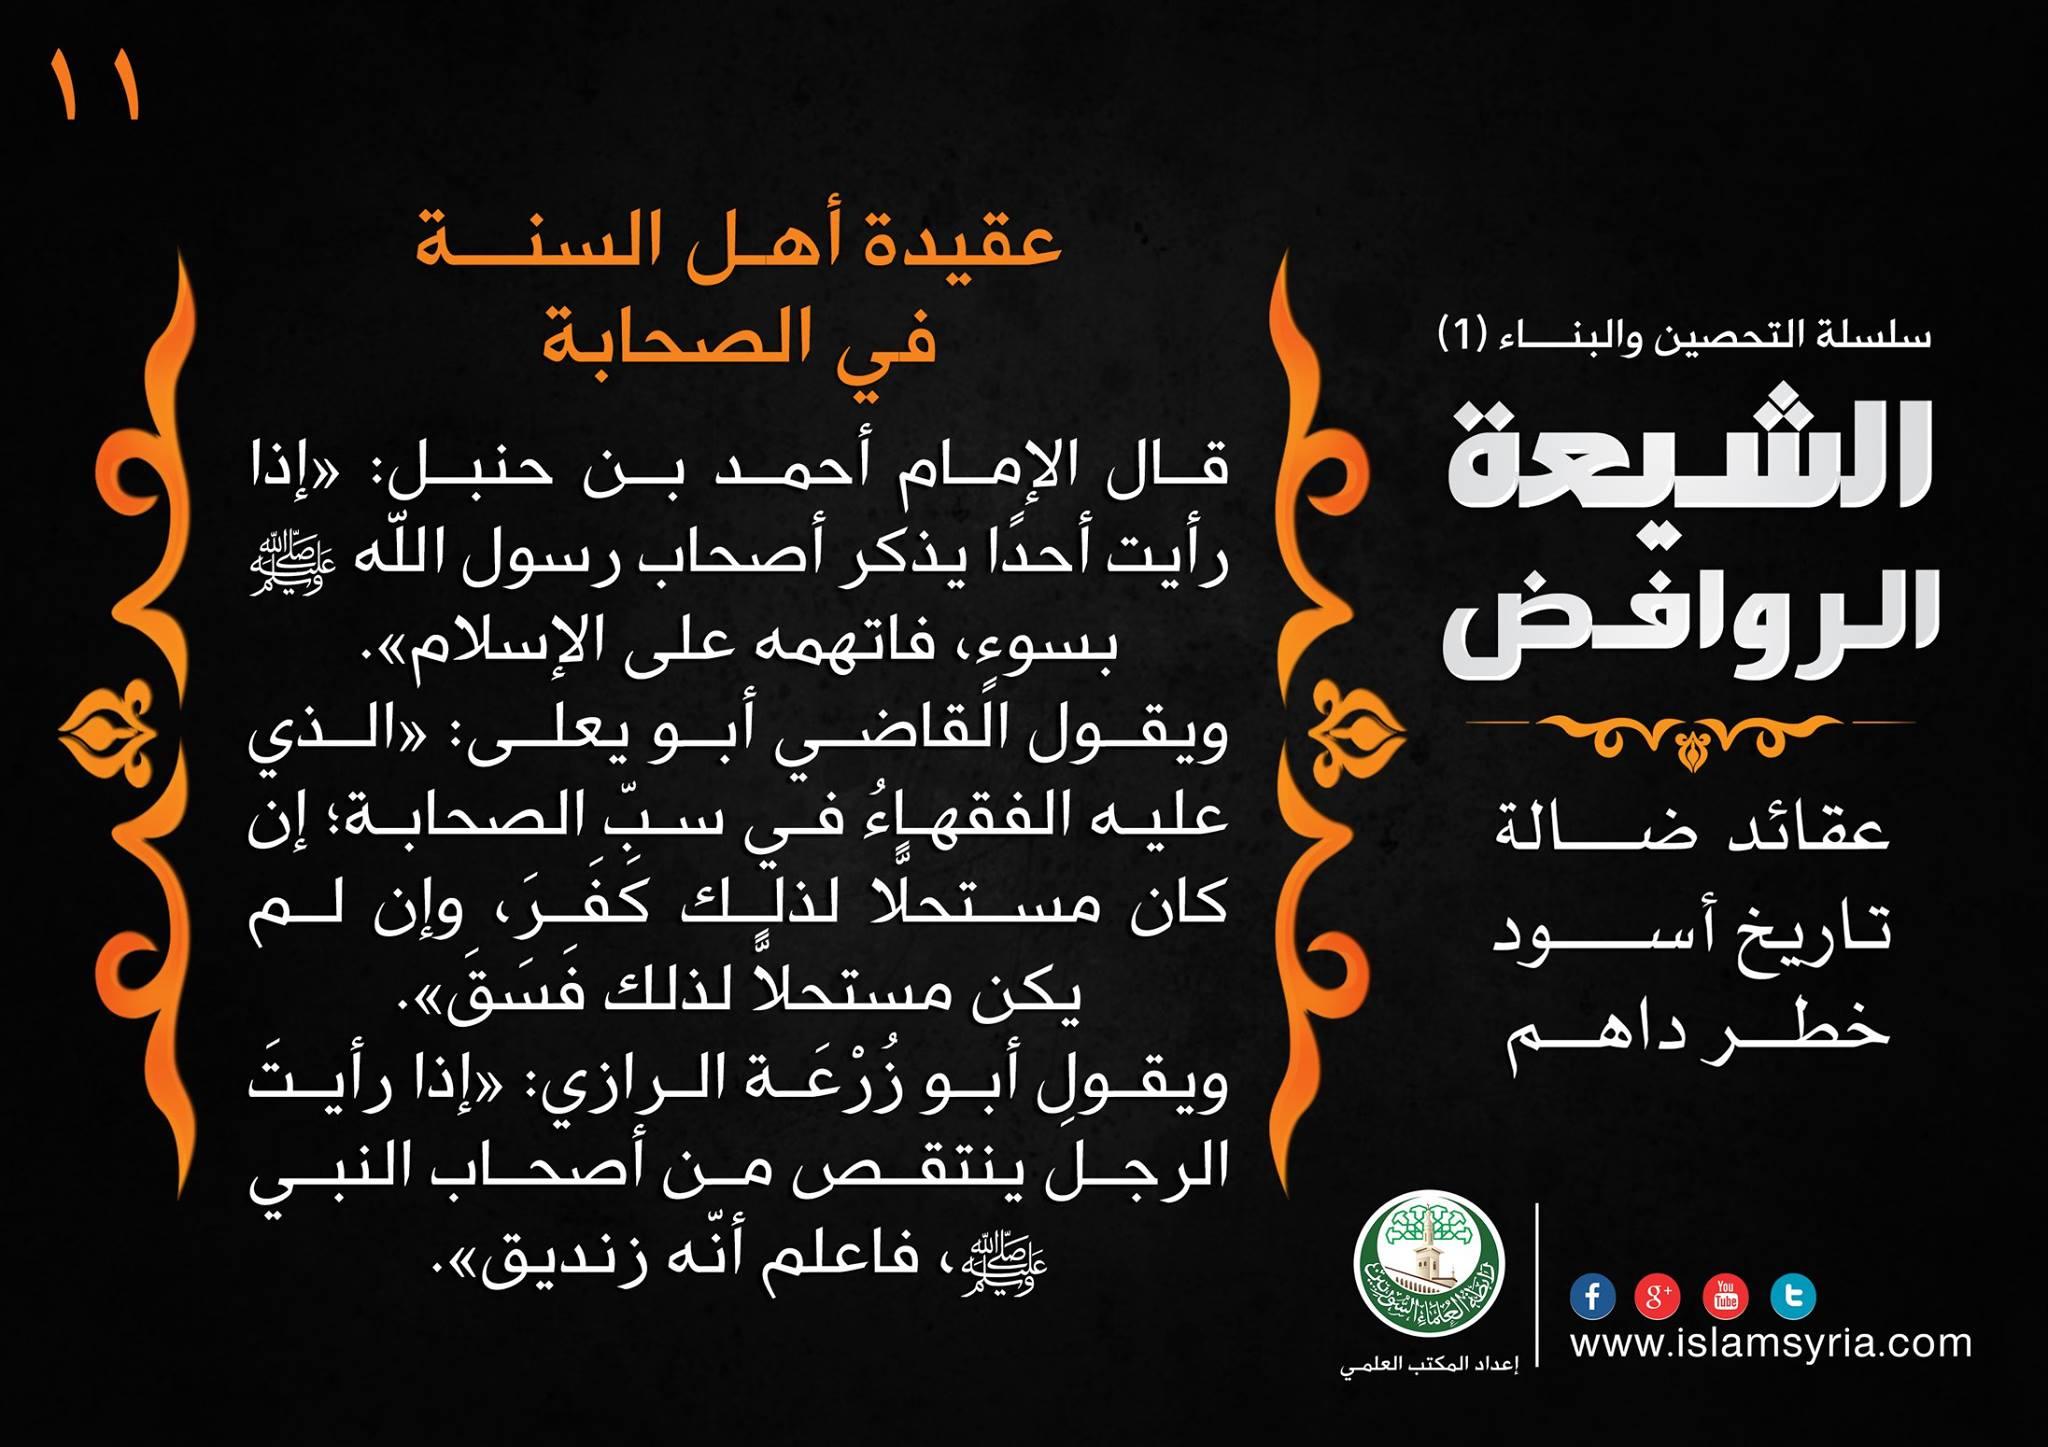 سلسلة التحصين والبناء -11- الشيعة الروافض